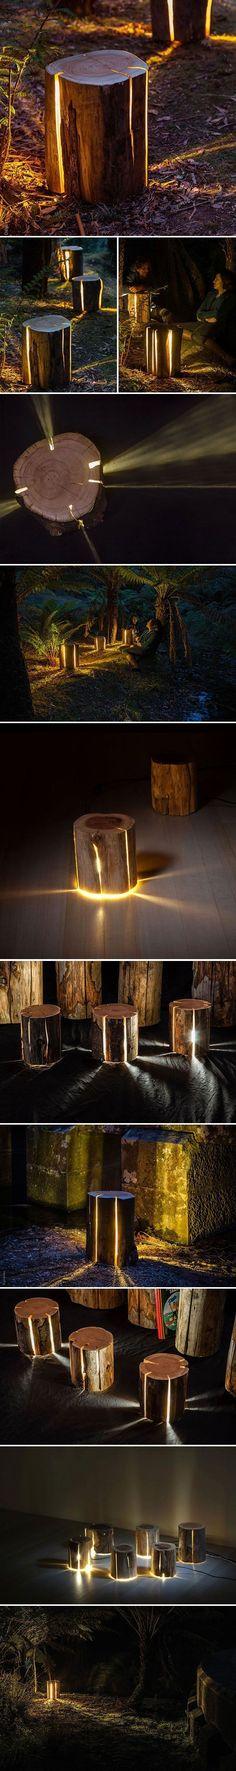 30 Backyard Lighting Ideas und atemberaubende Patio werden Sie faszinieren,  #Atemberaubende ... -